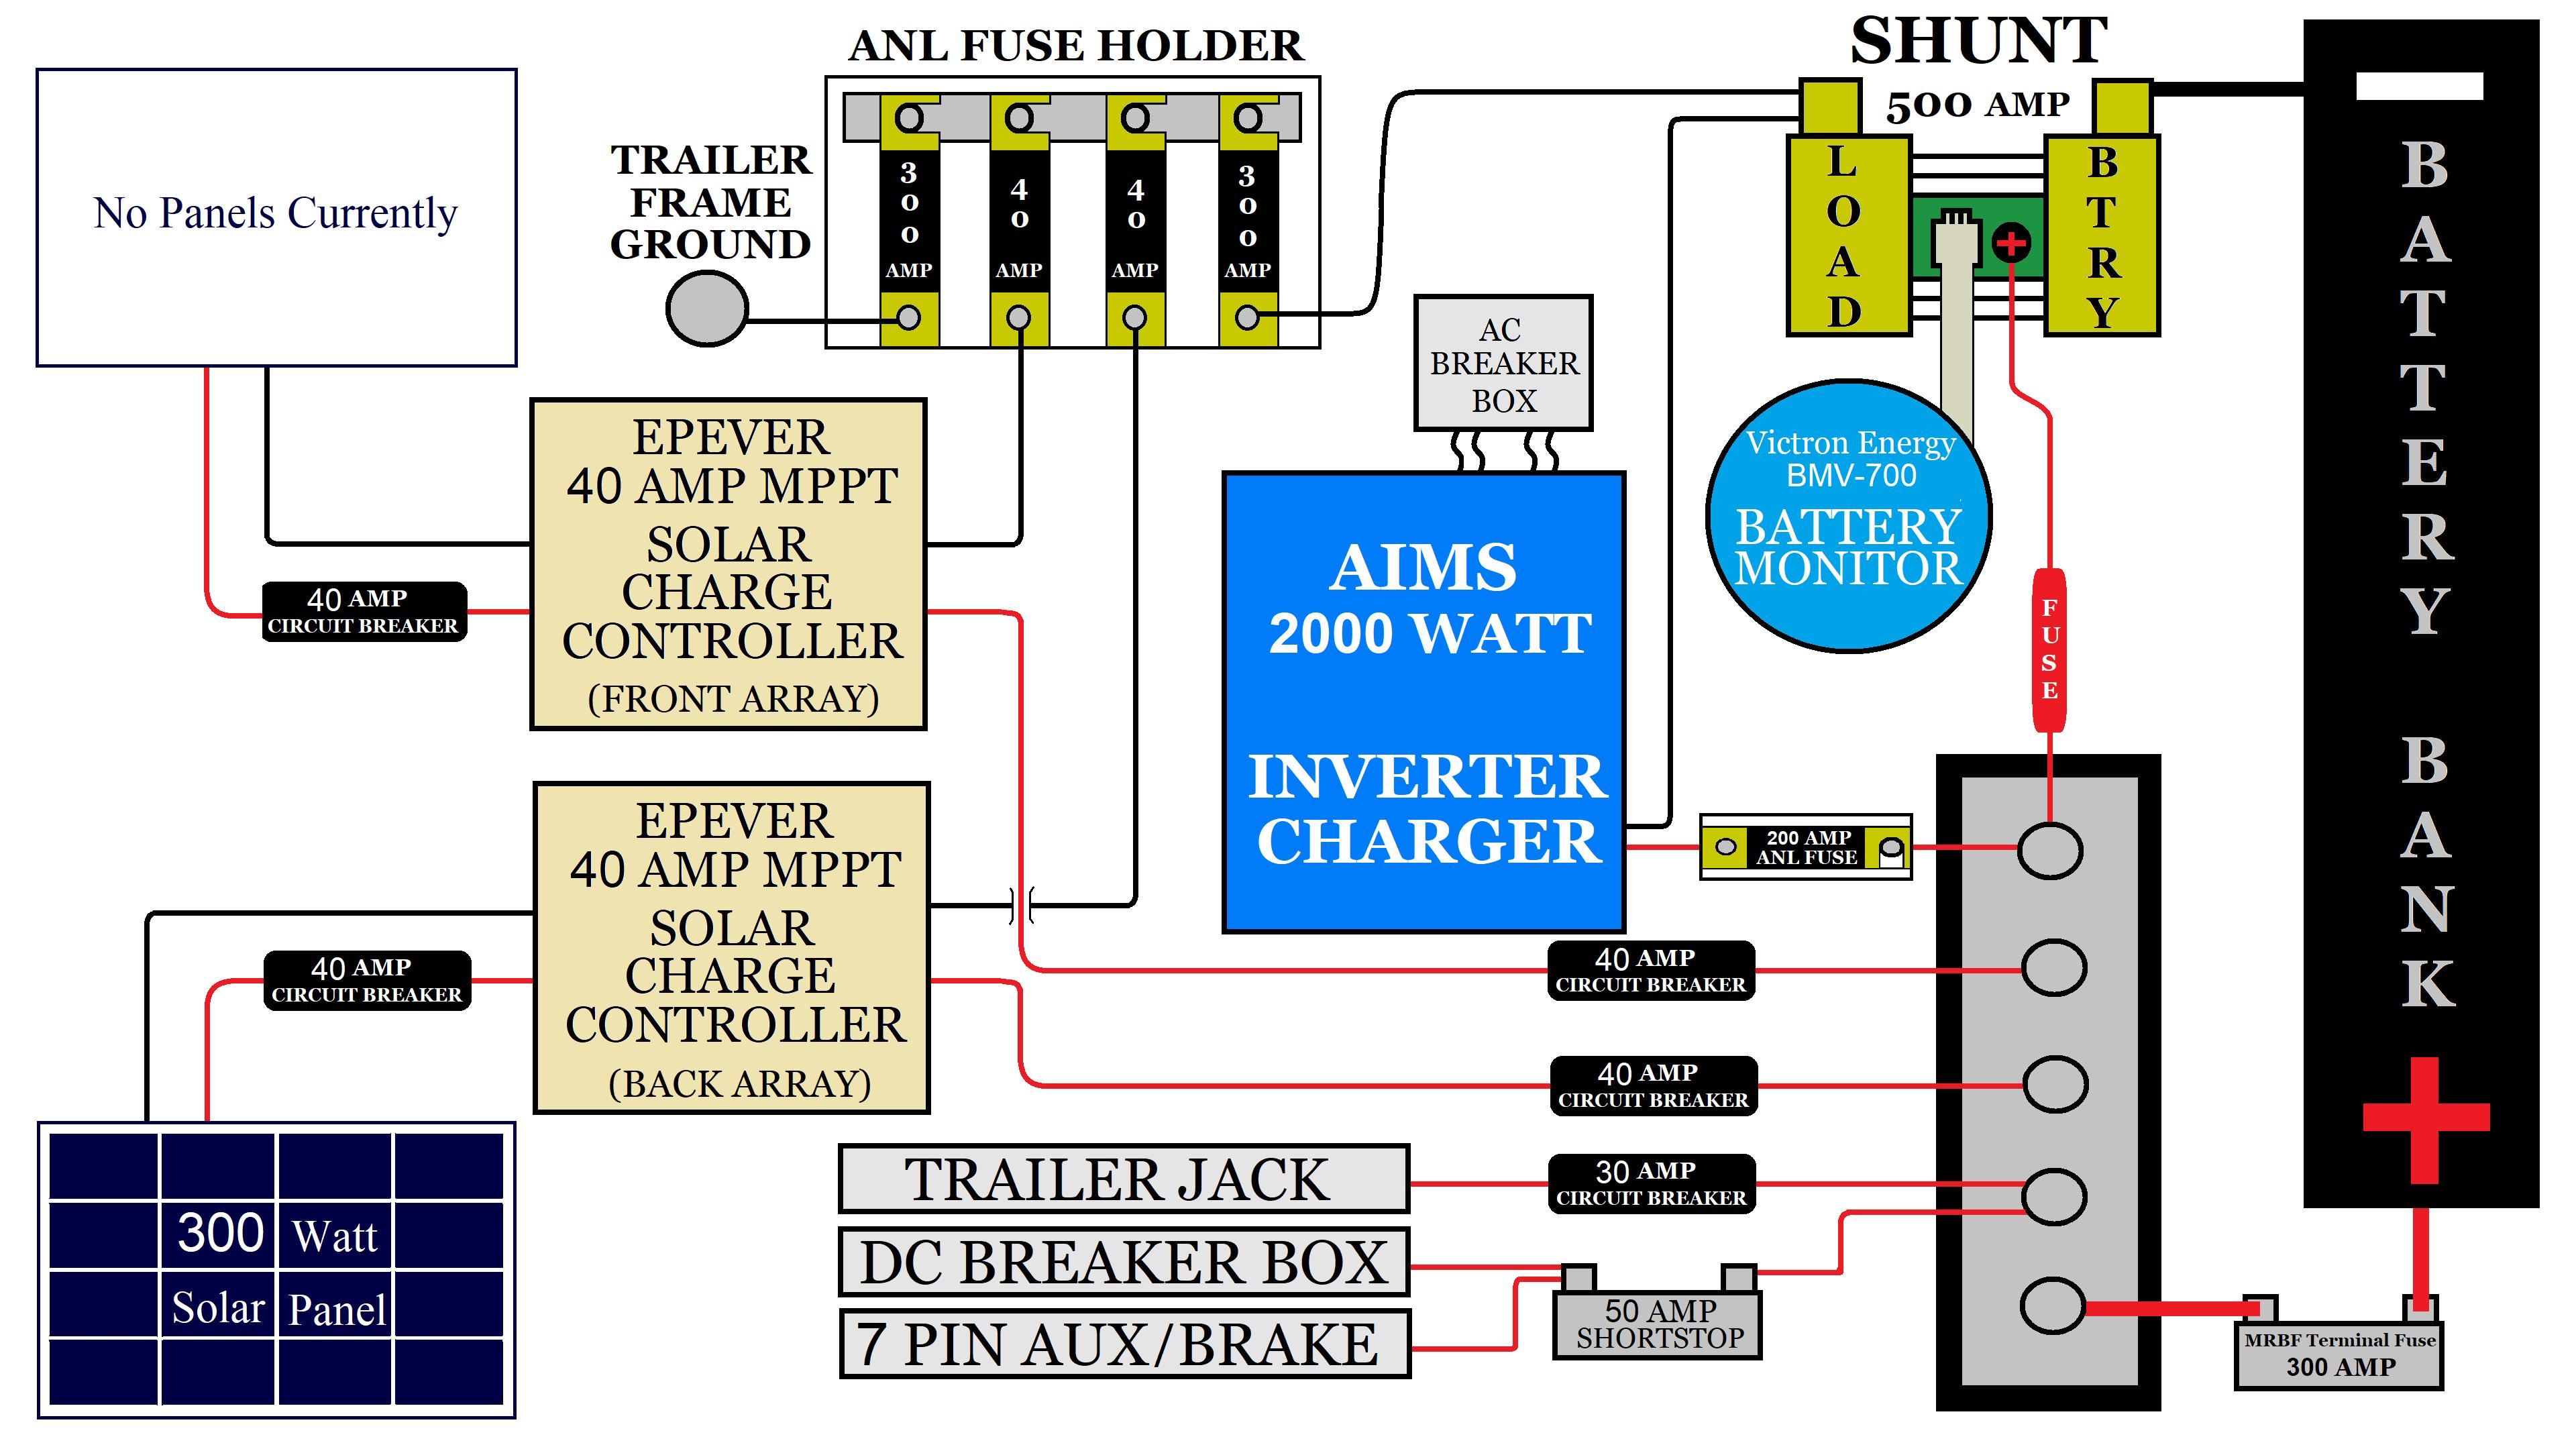 Wiring Diagram 30 Amp Rv Schematic | Wiring Diagram - 30 Amp Rv Wiring Diagram